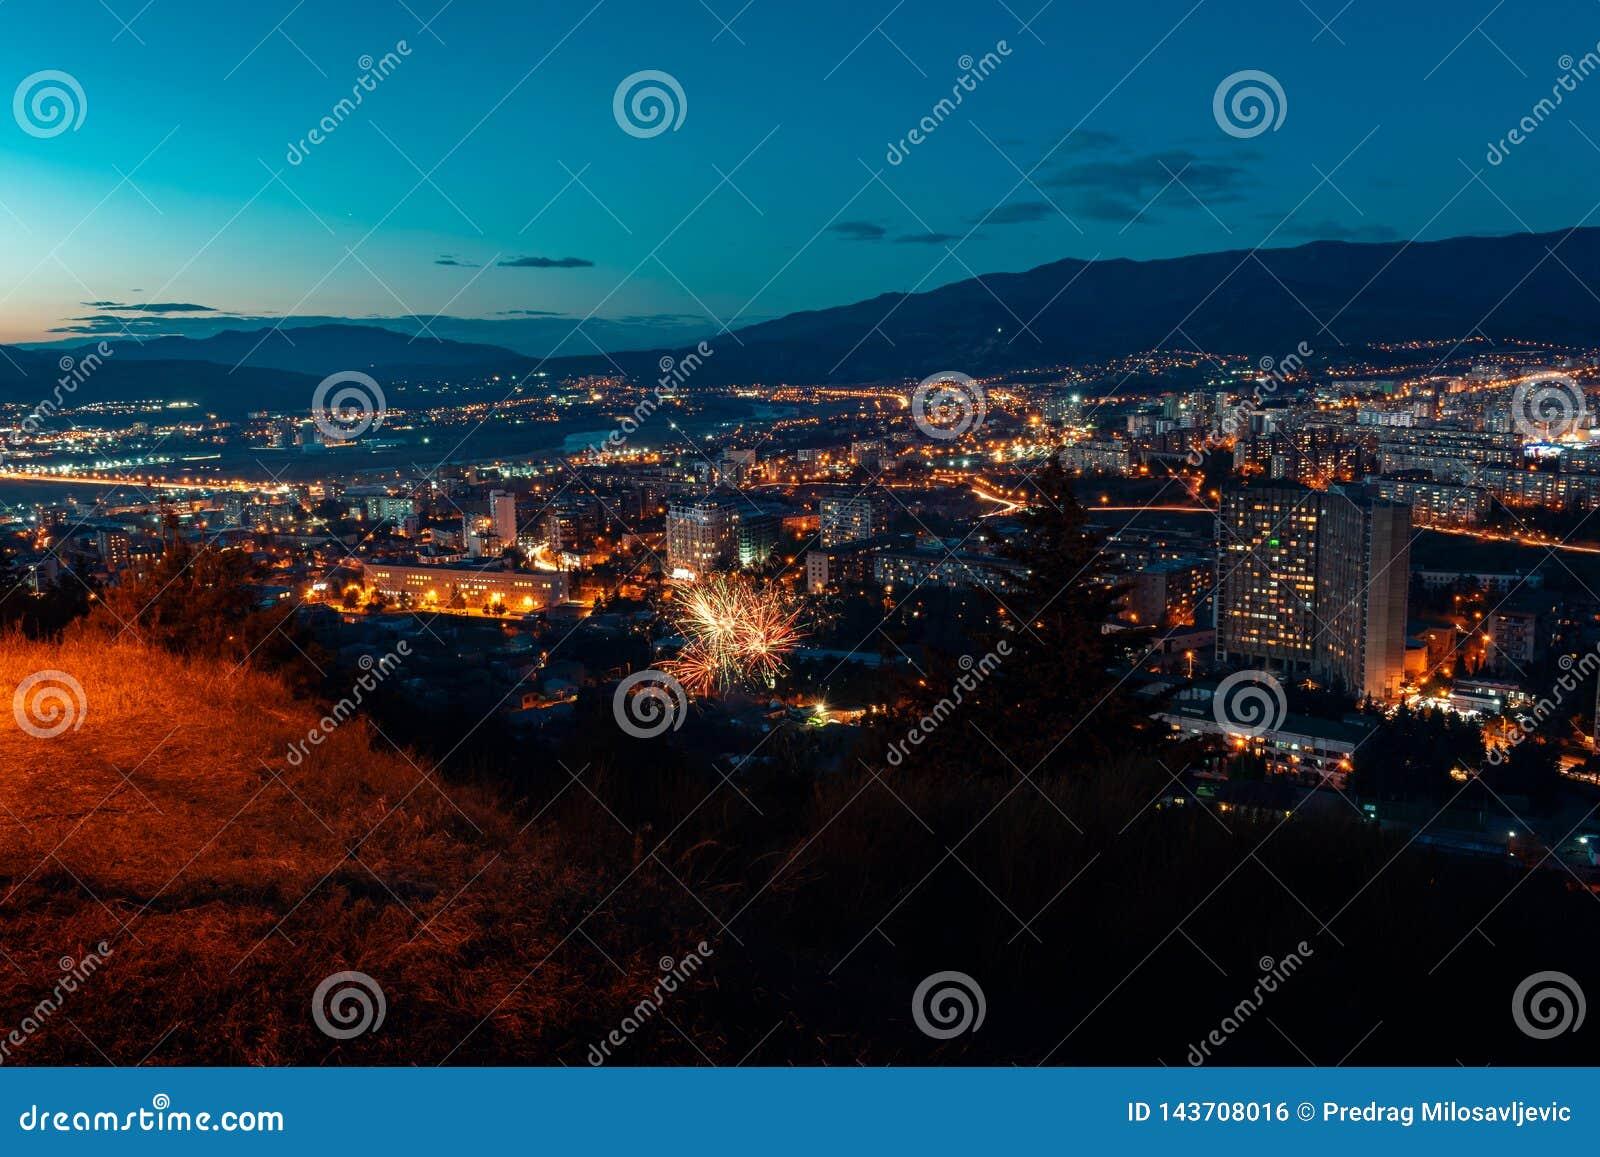 Widok z lotu ptaka, noc pejzażu miejskiego widok z nocnym niebem naturalny jasny widok z fajerwerkami nad dużymi blokami mieszkal